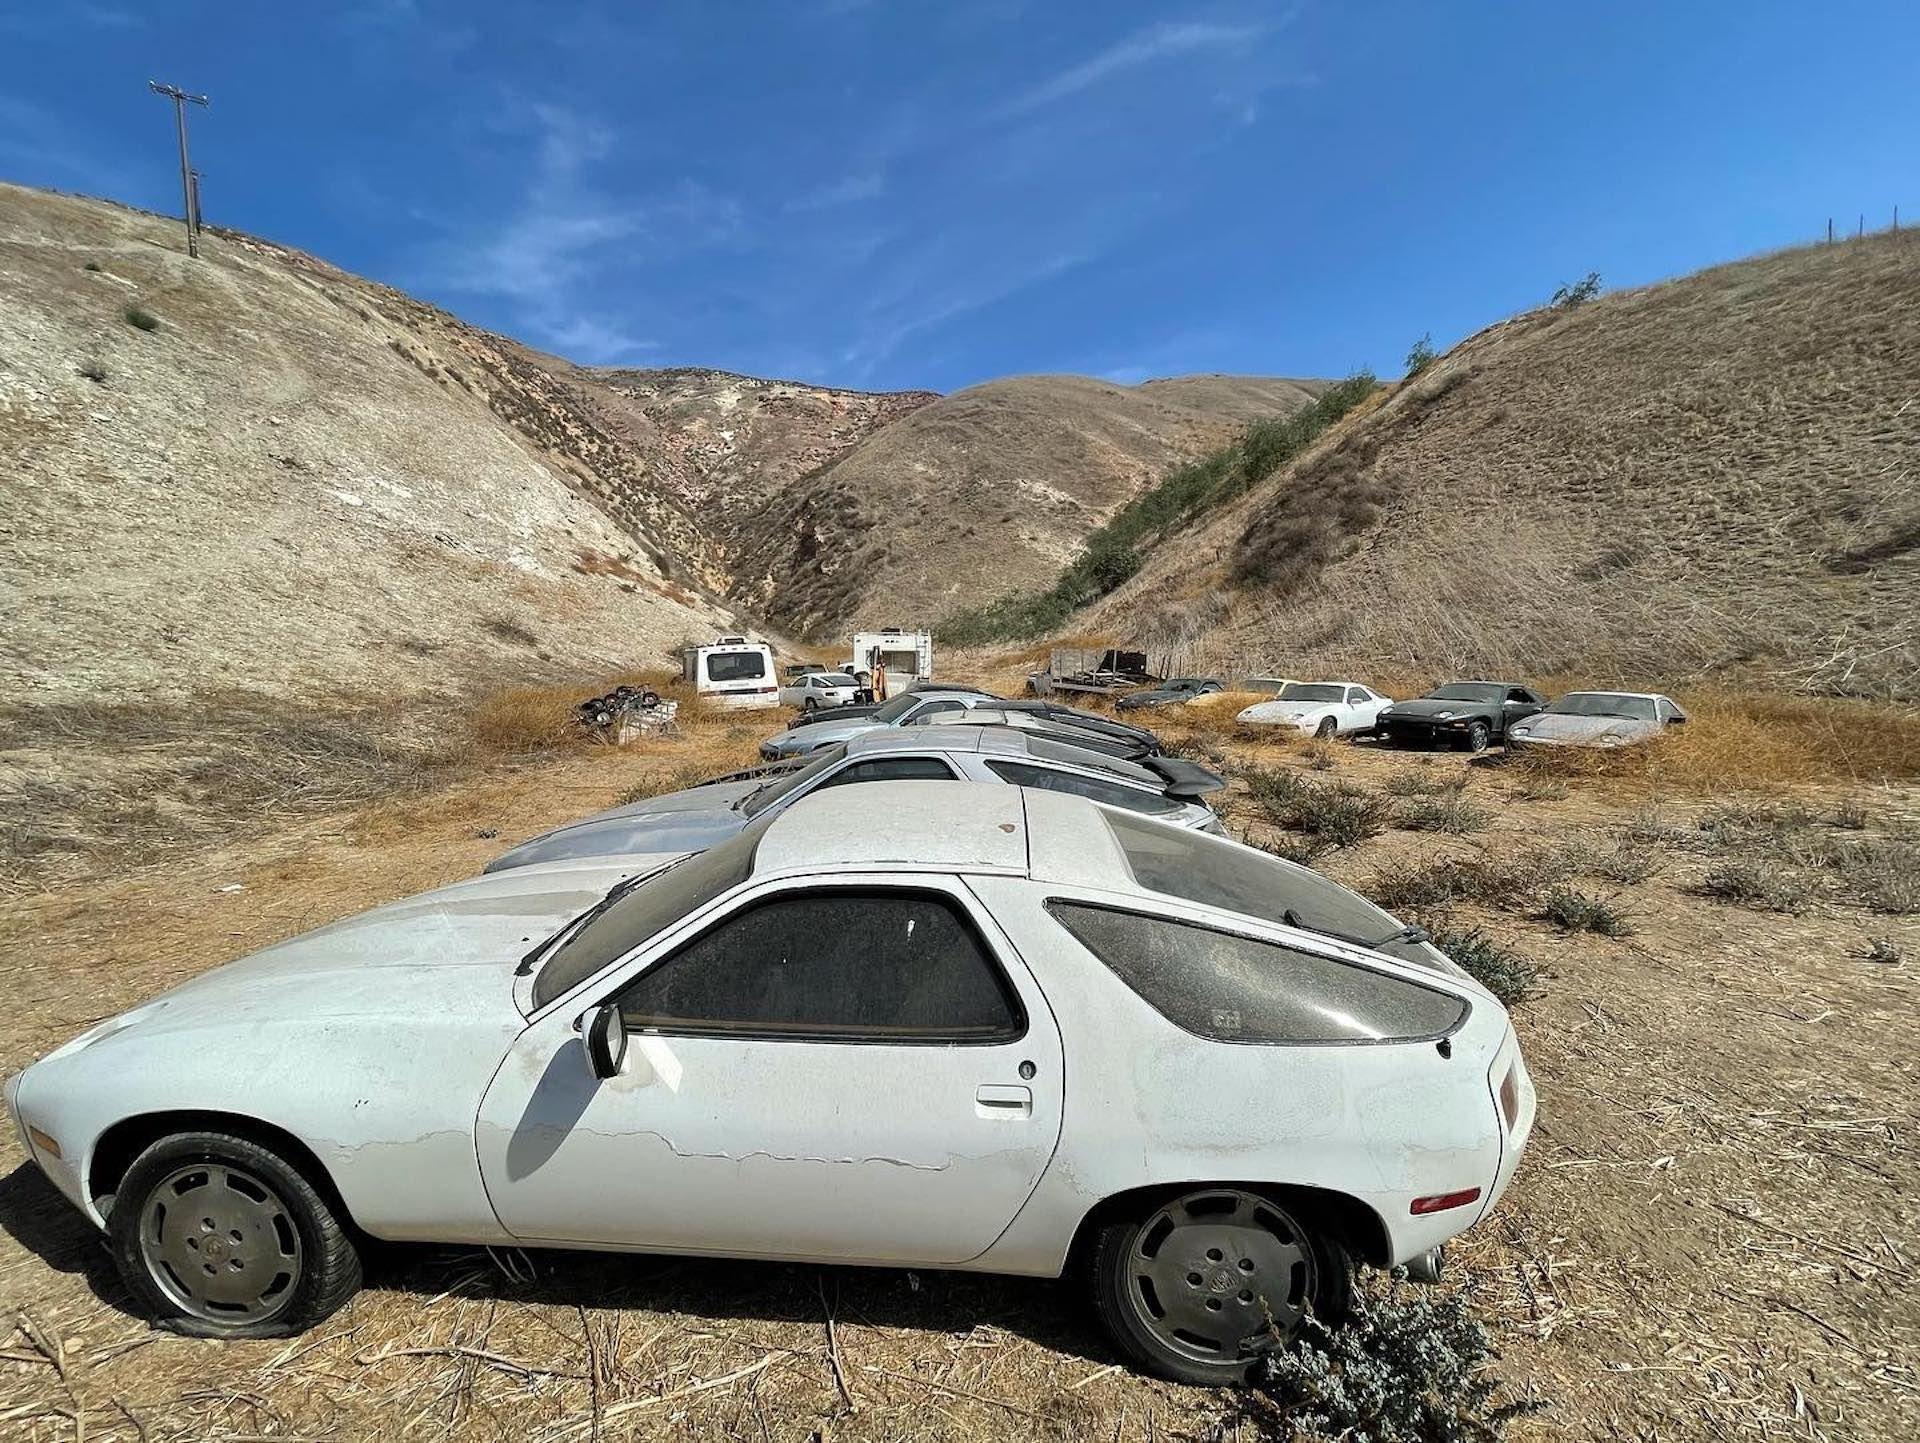 Porsche-928-abandoned-2